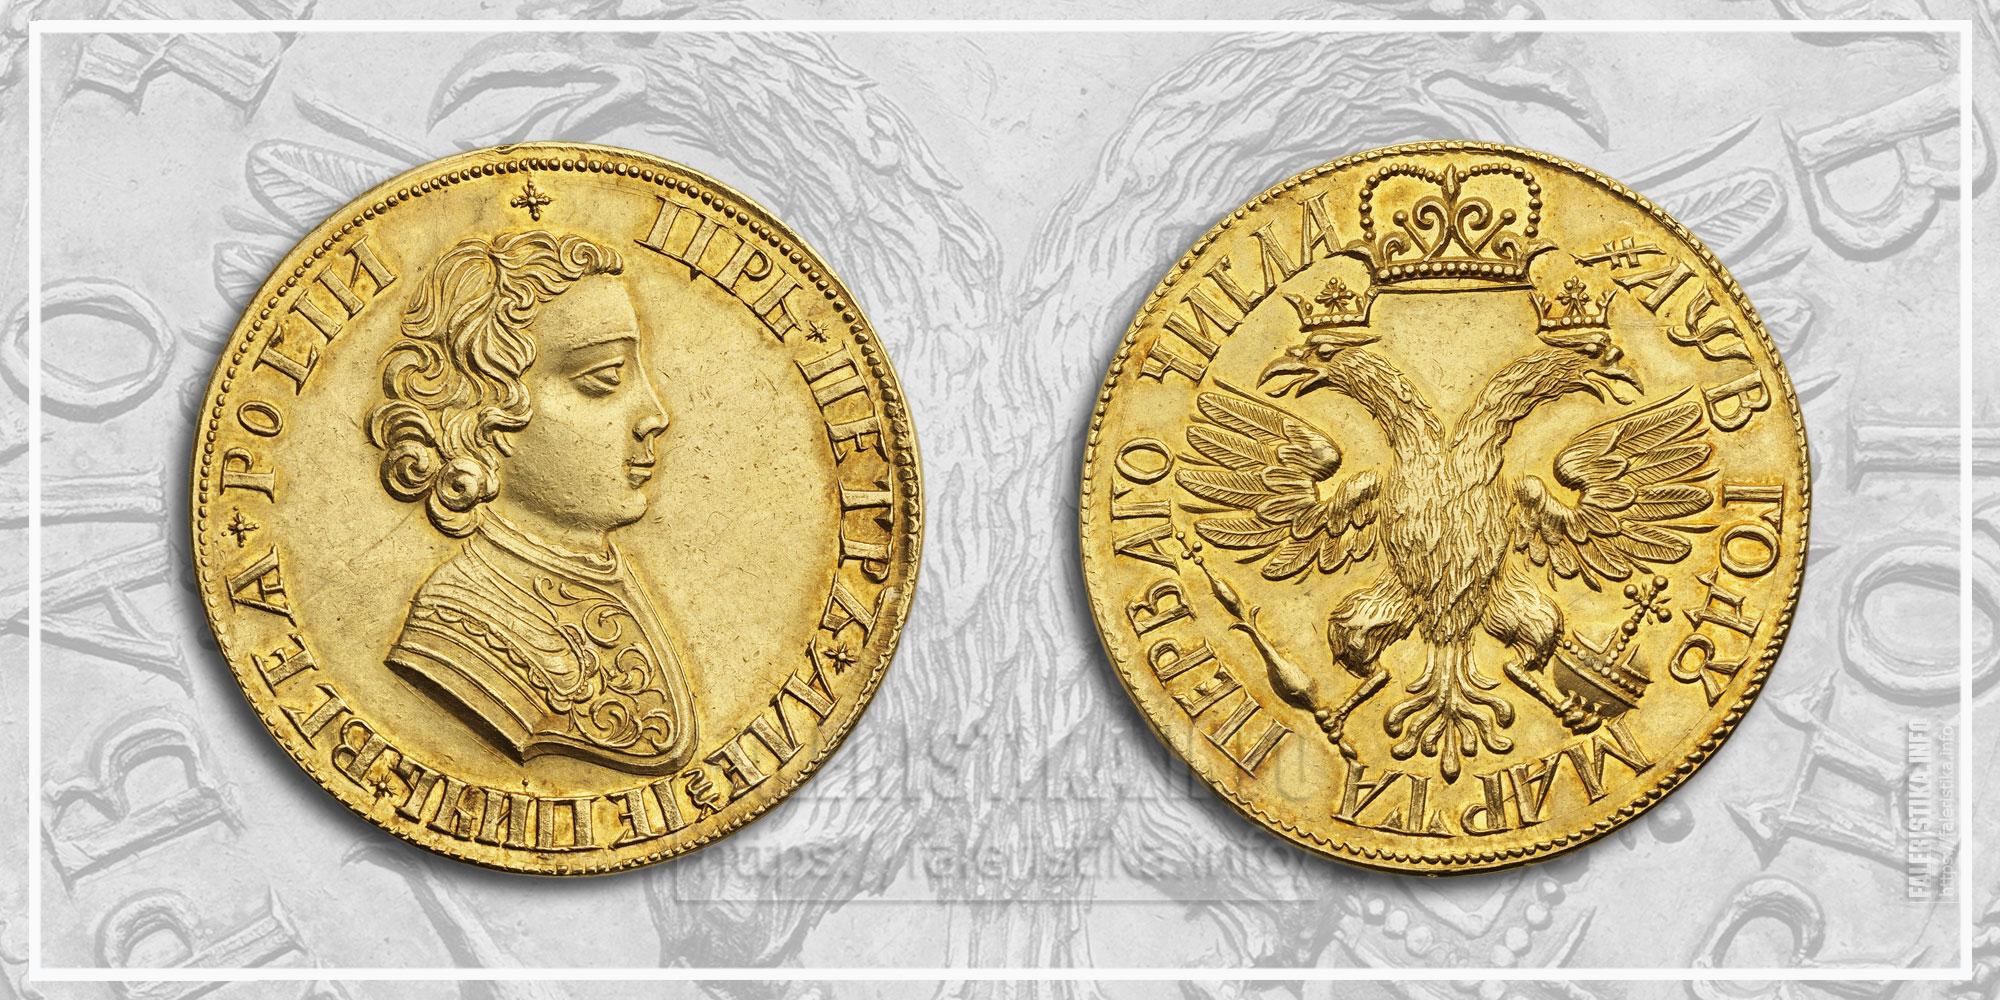 Золотая монетовидная медаль в десять червонцев 1702 г. («Крестильный рубль»). Царь Пётр Алексеевич (1682–1725). Музеи Московского Кремля